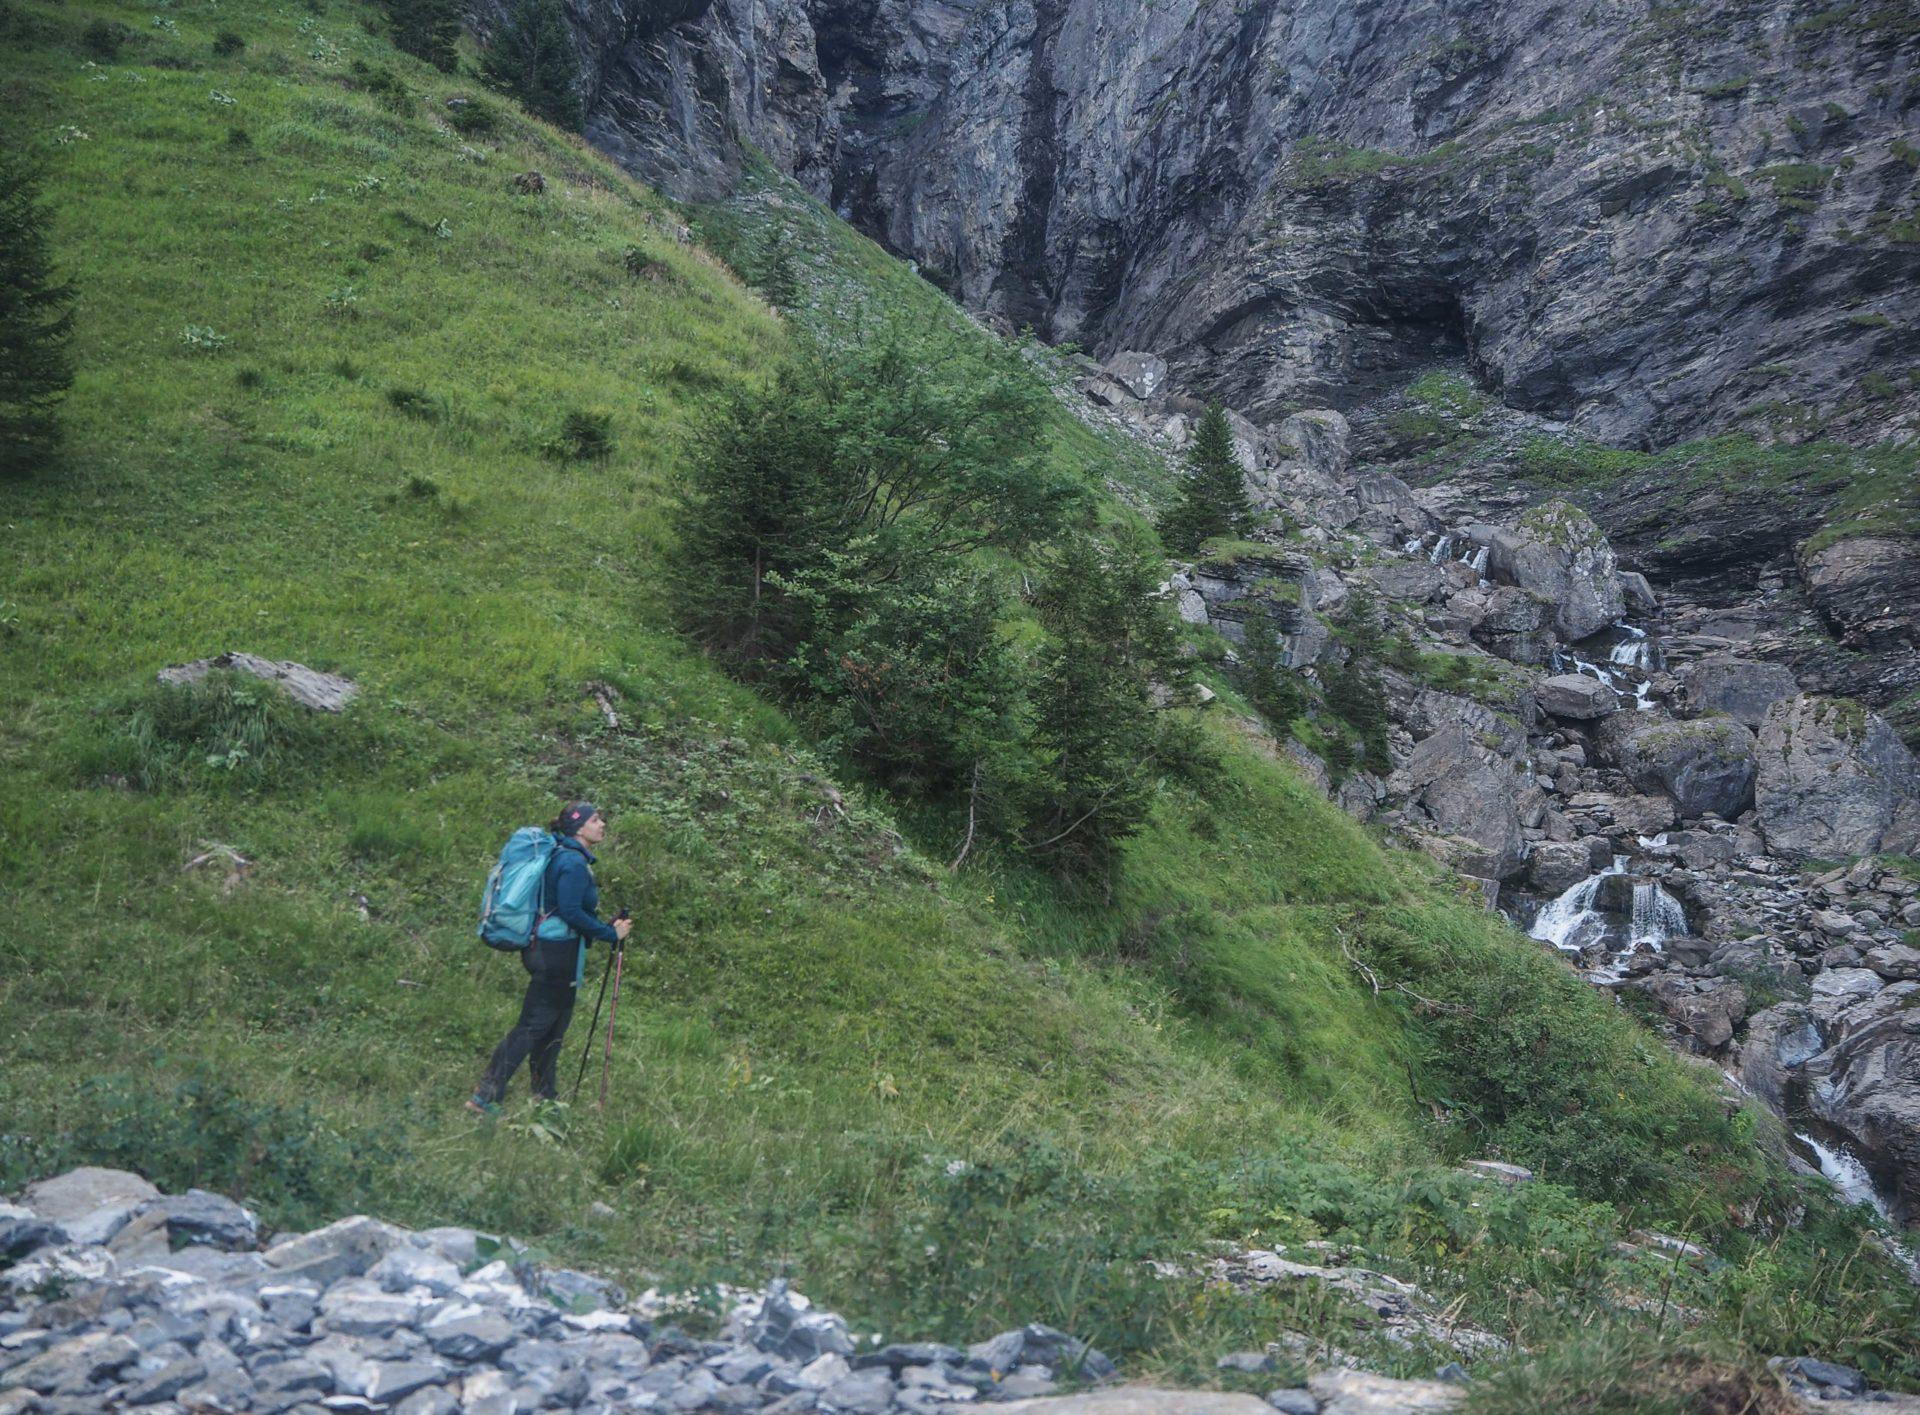 J'ai fini le Tour - Jour 6 du Tour des Dents du Midi - Faire un trek en solo en Suisse: réflexions, préparatifs, introspection, récupération et bilan